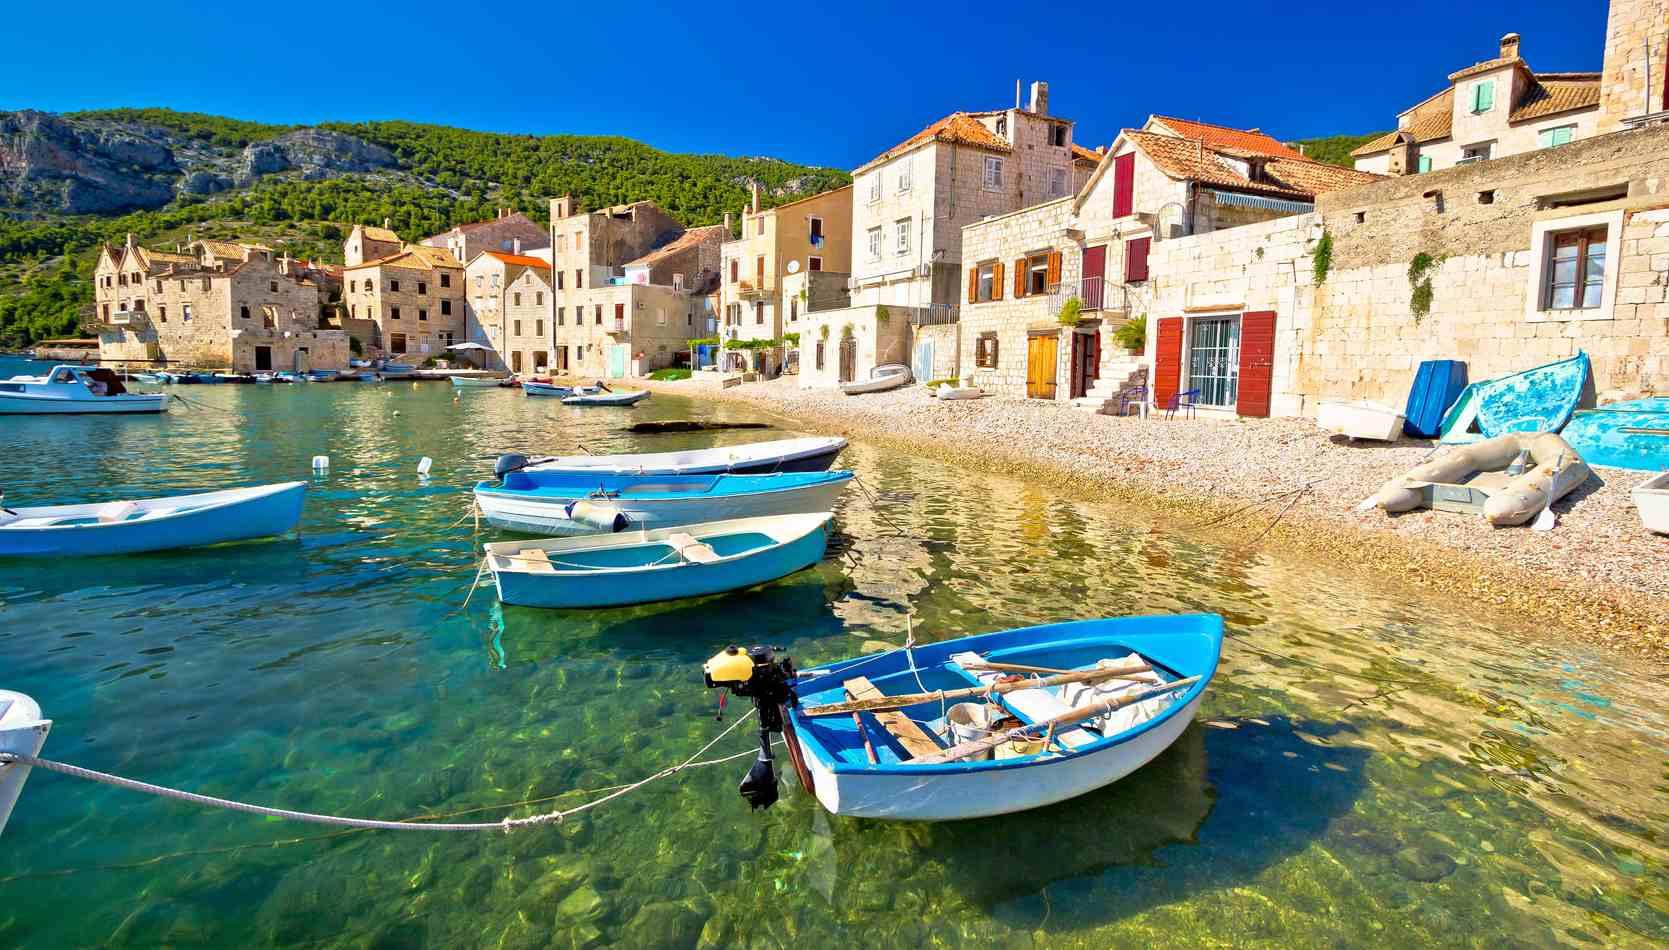 Ofertas de viajes a croacia